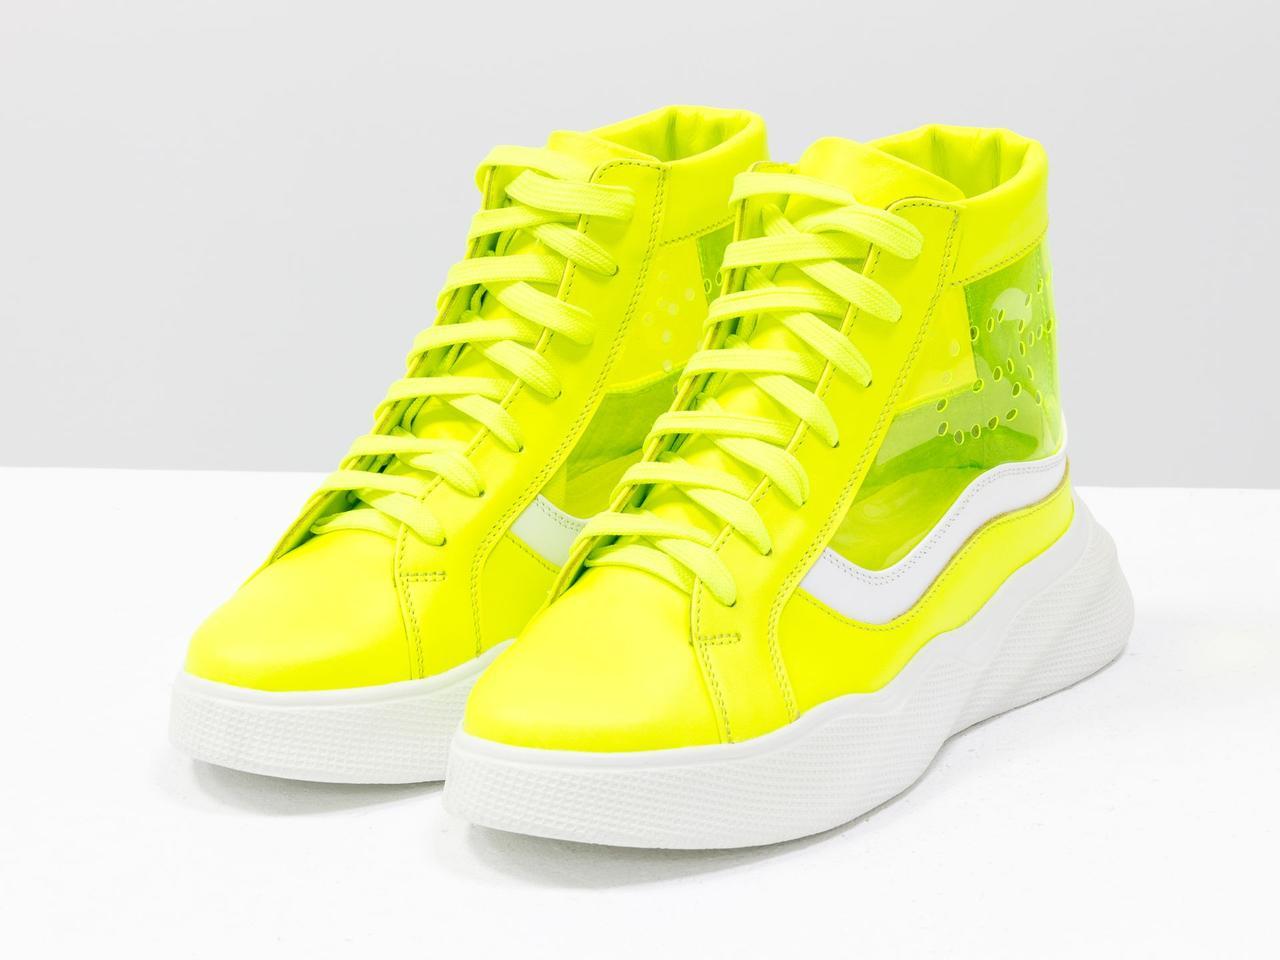 Дизайнерские прозрачные ботинки из натуральной неоновой кожи желтого и белого цвета - фото 9